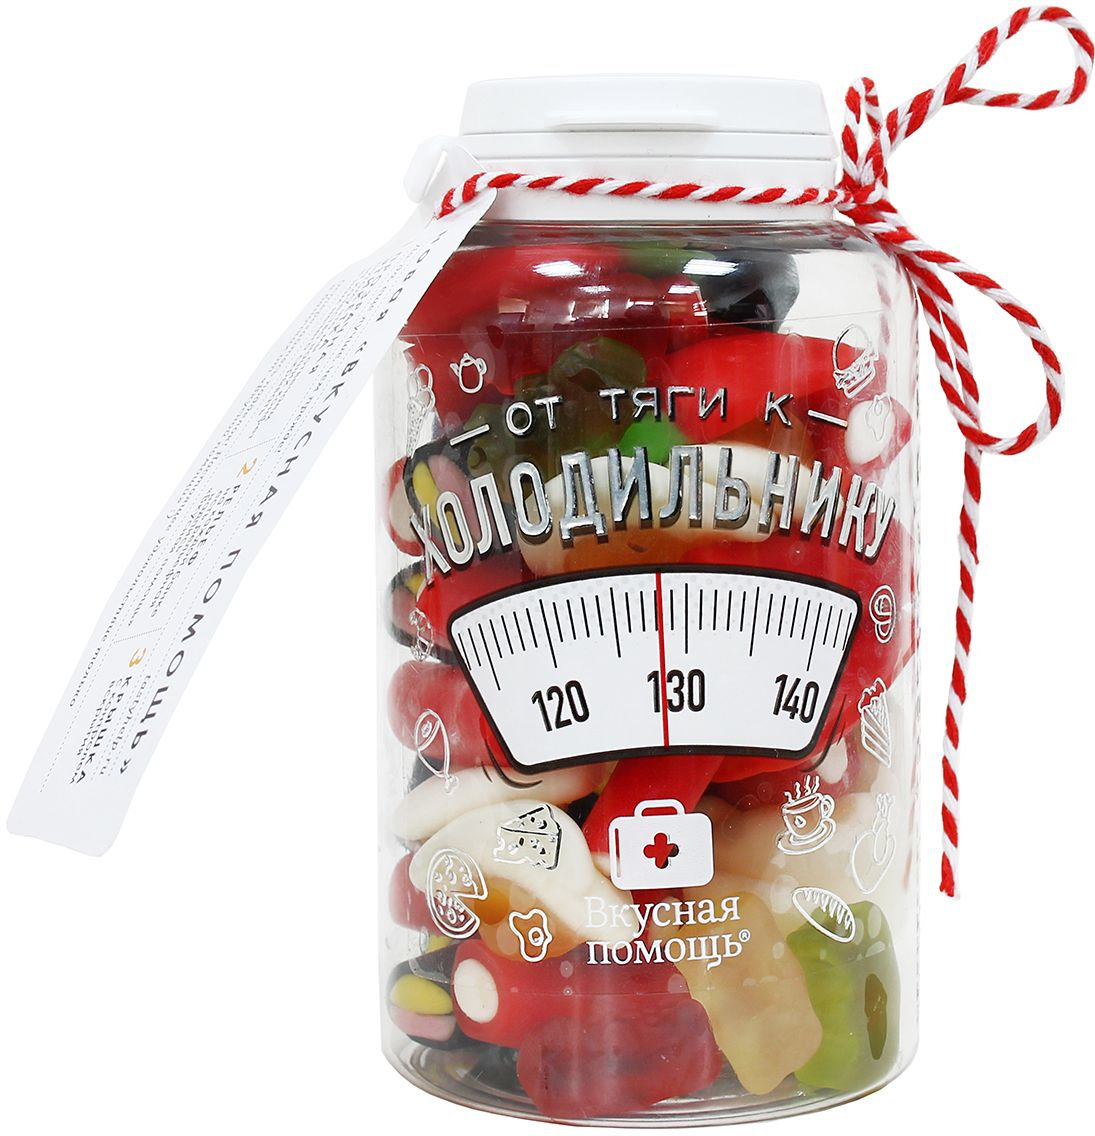 Вкусная помощь конфеты От тяги к холодильнику, 210 г нижняя полка к холодильнику деу fr590nw